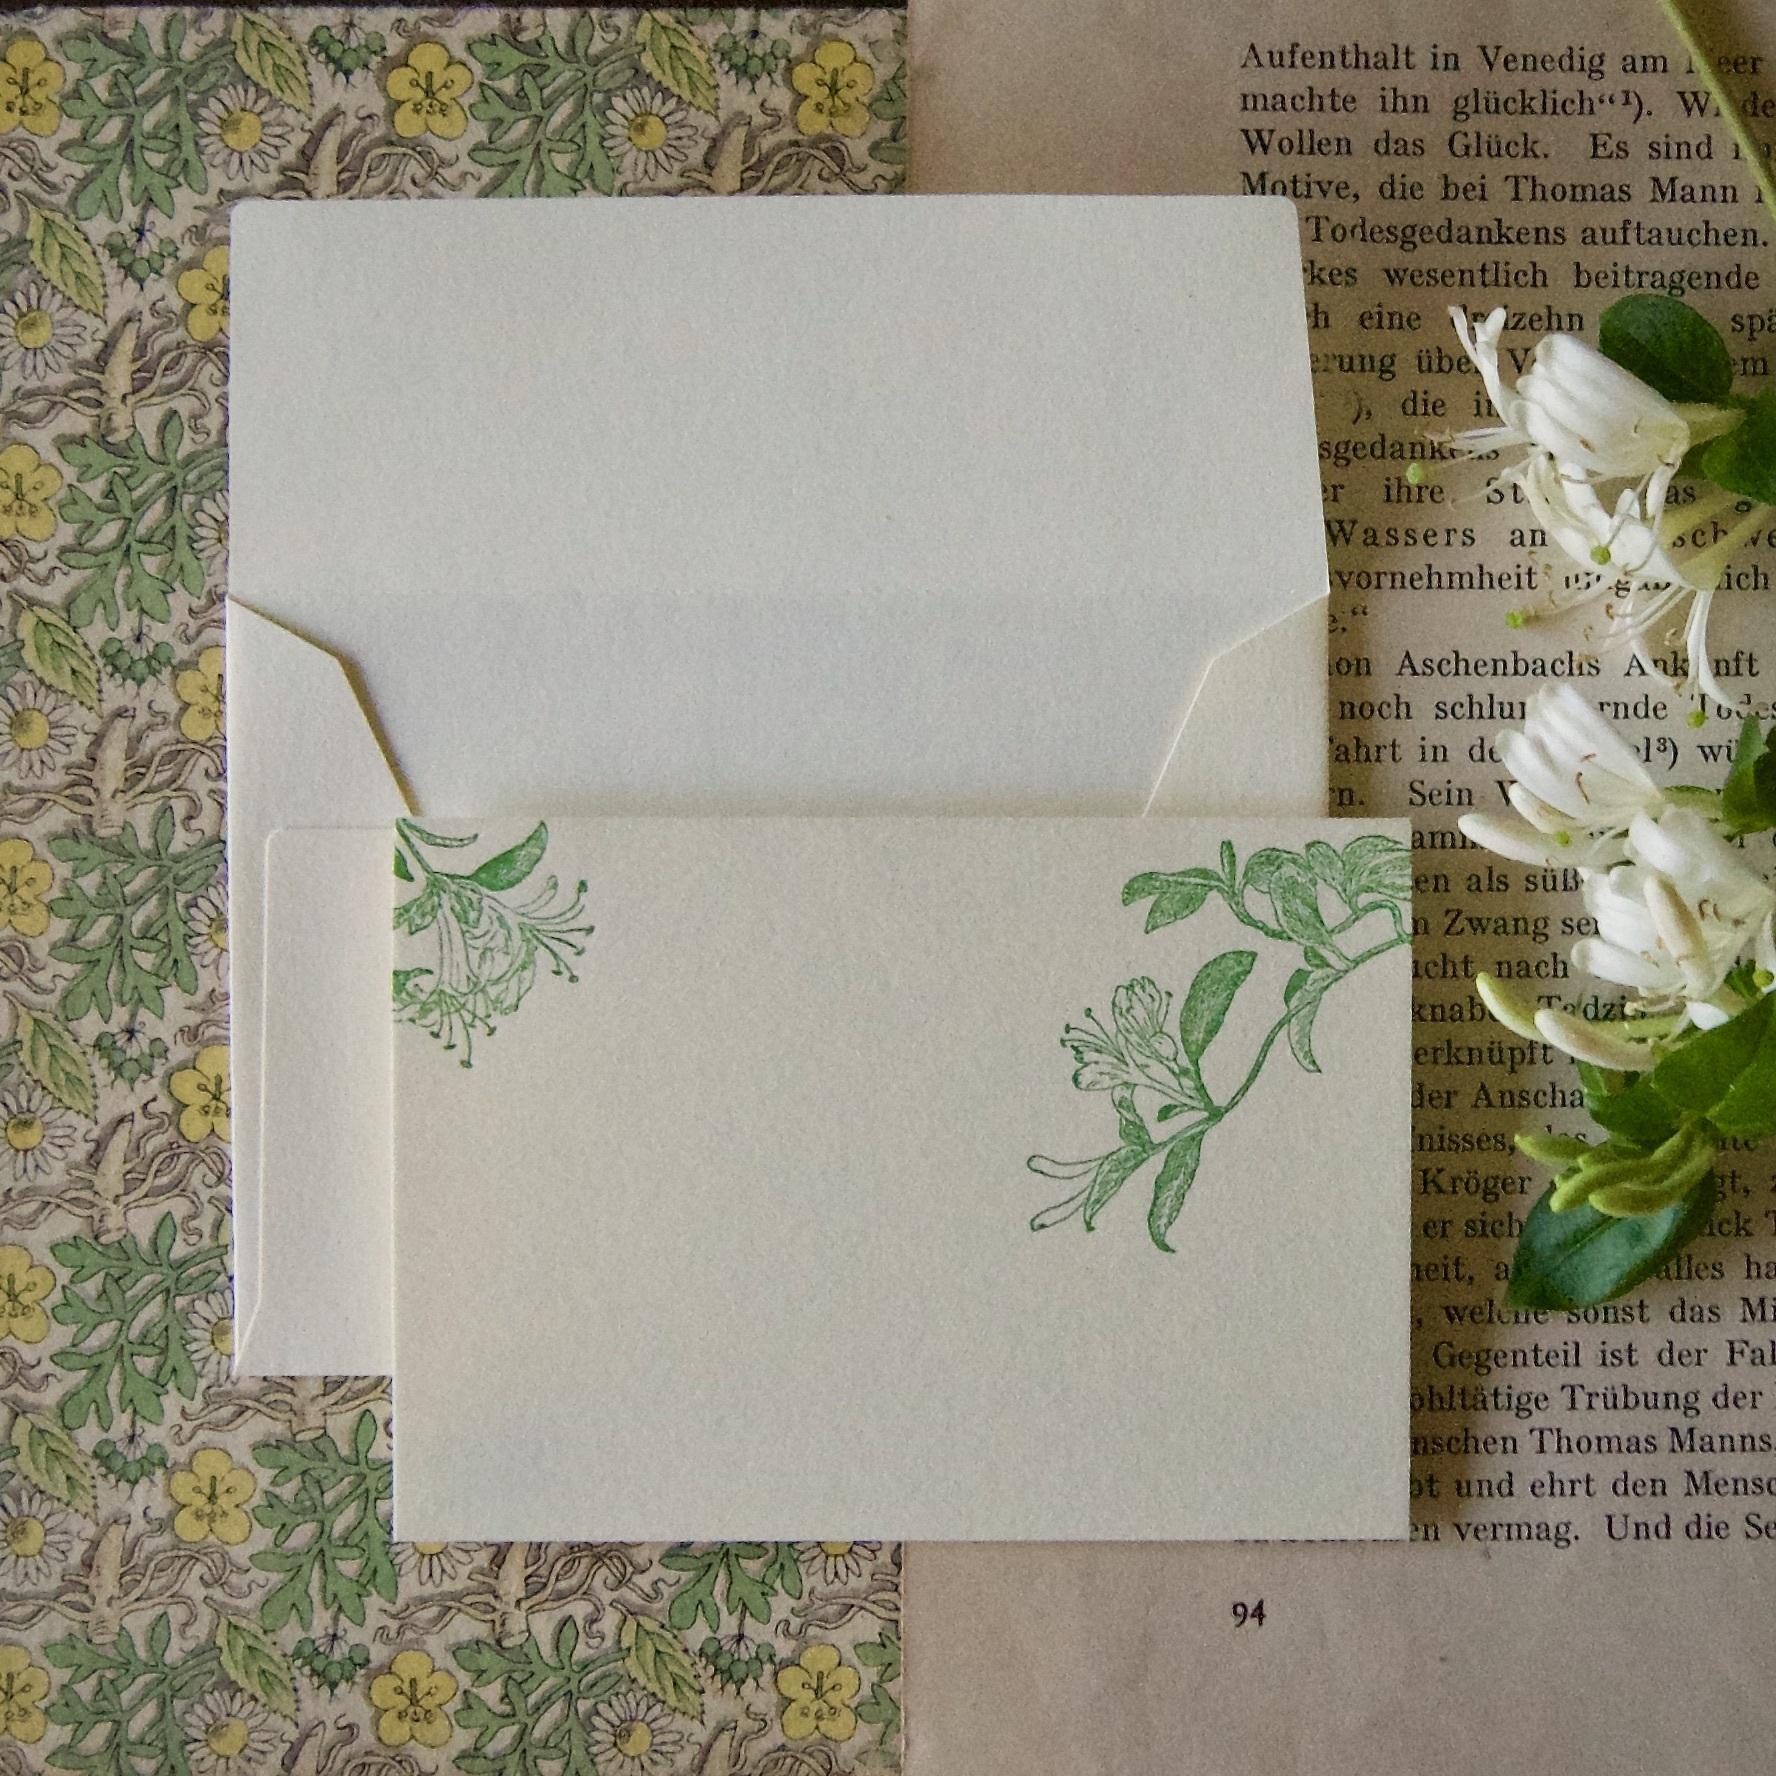 【カード 小】 スイカズラ / カード1枚+封筒1枚